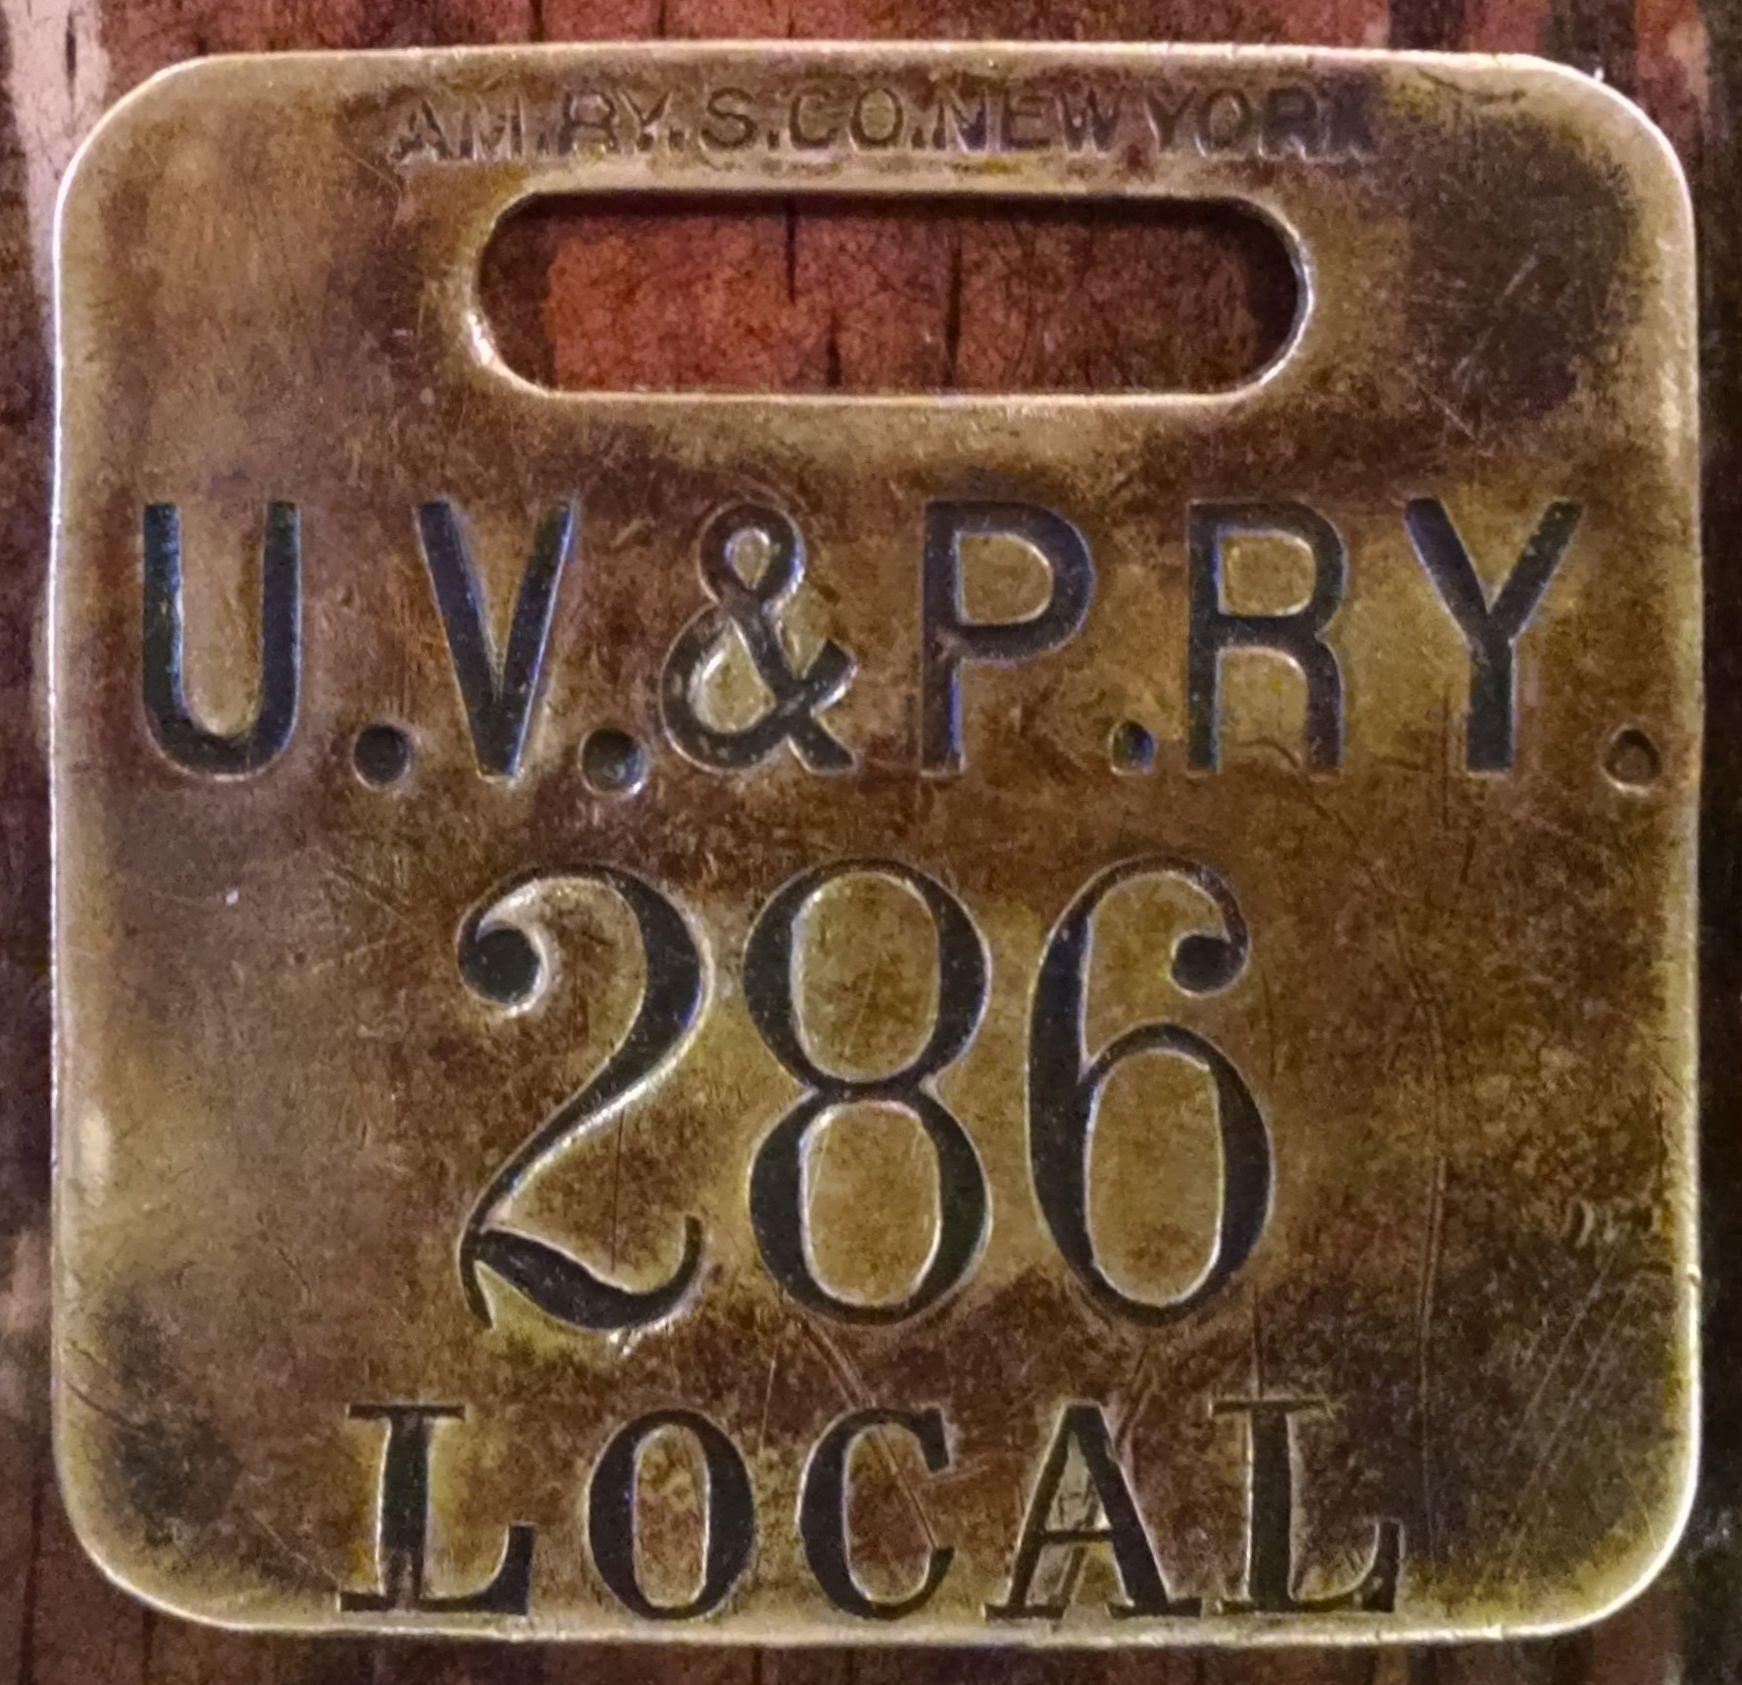 UV&P Baggage Tag.jpg